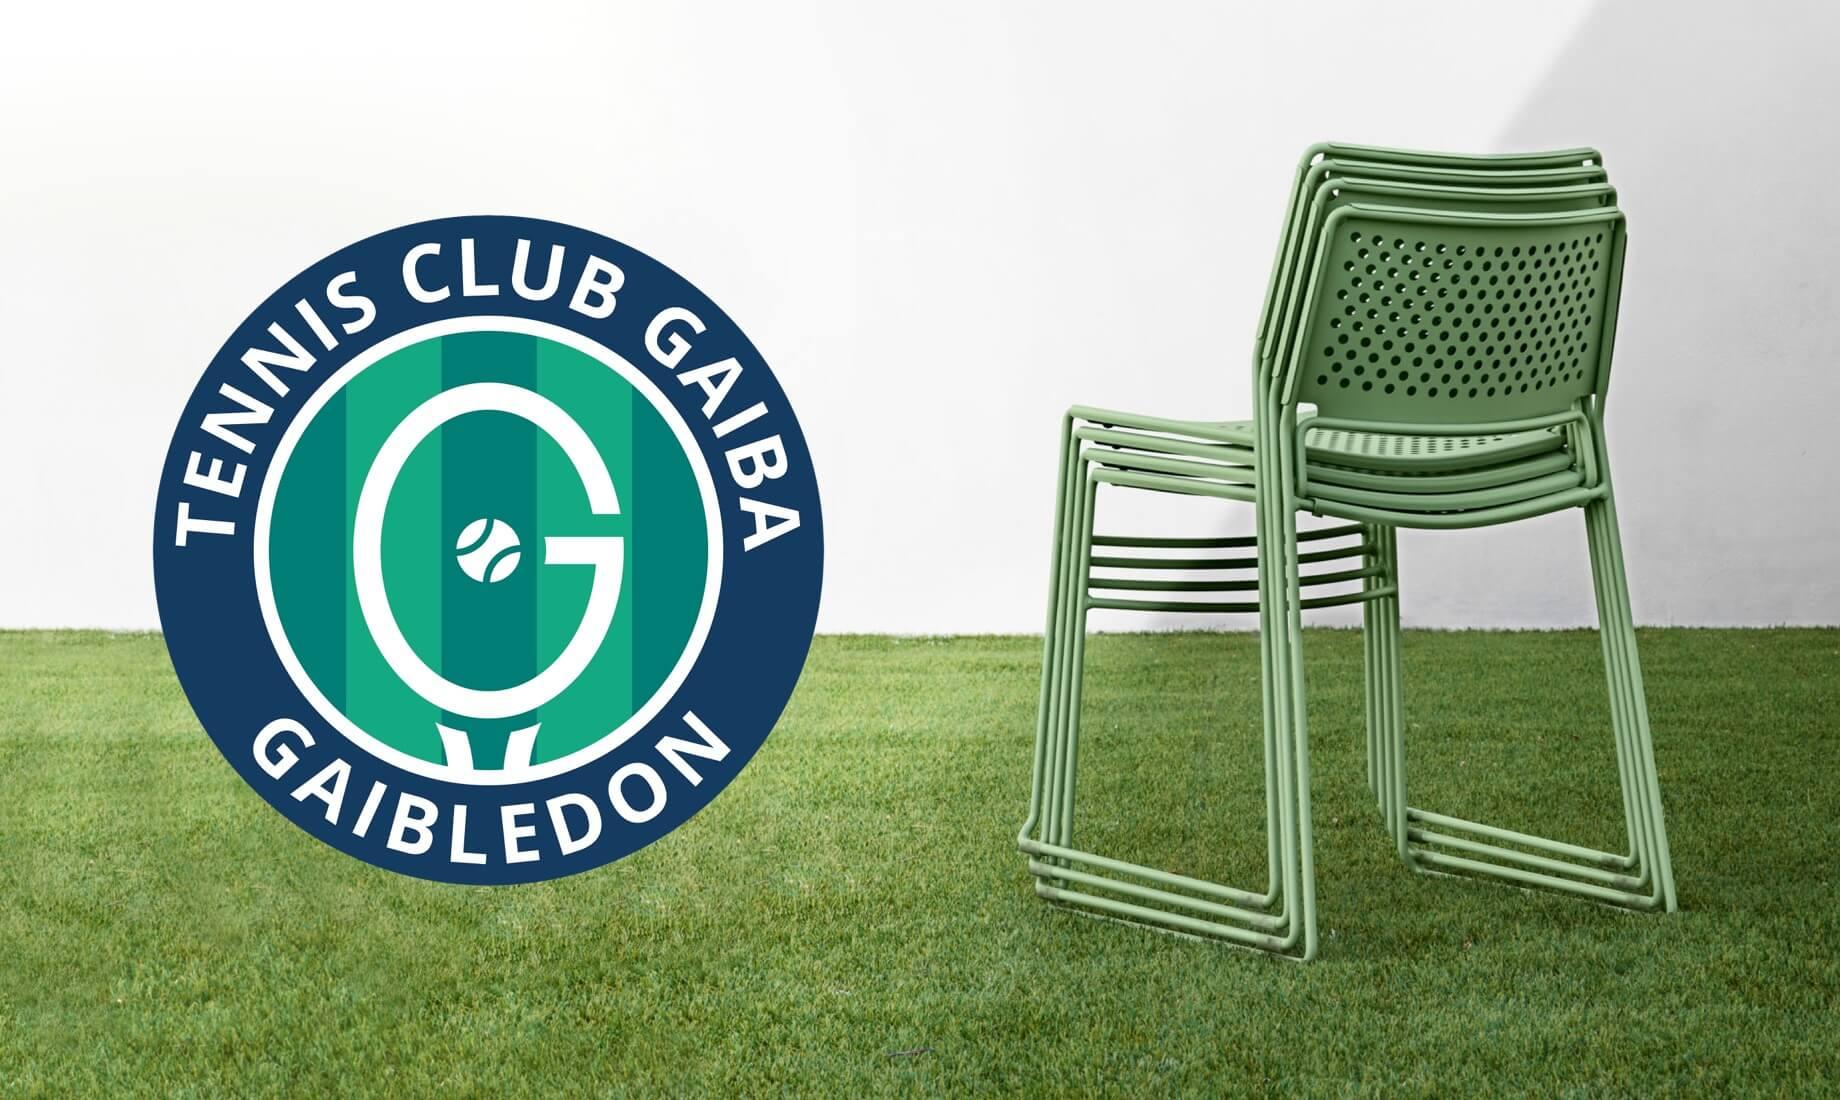 Midj - Eventi Giugno 2021 - Gaibledon